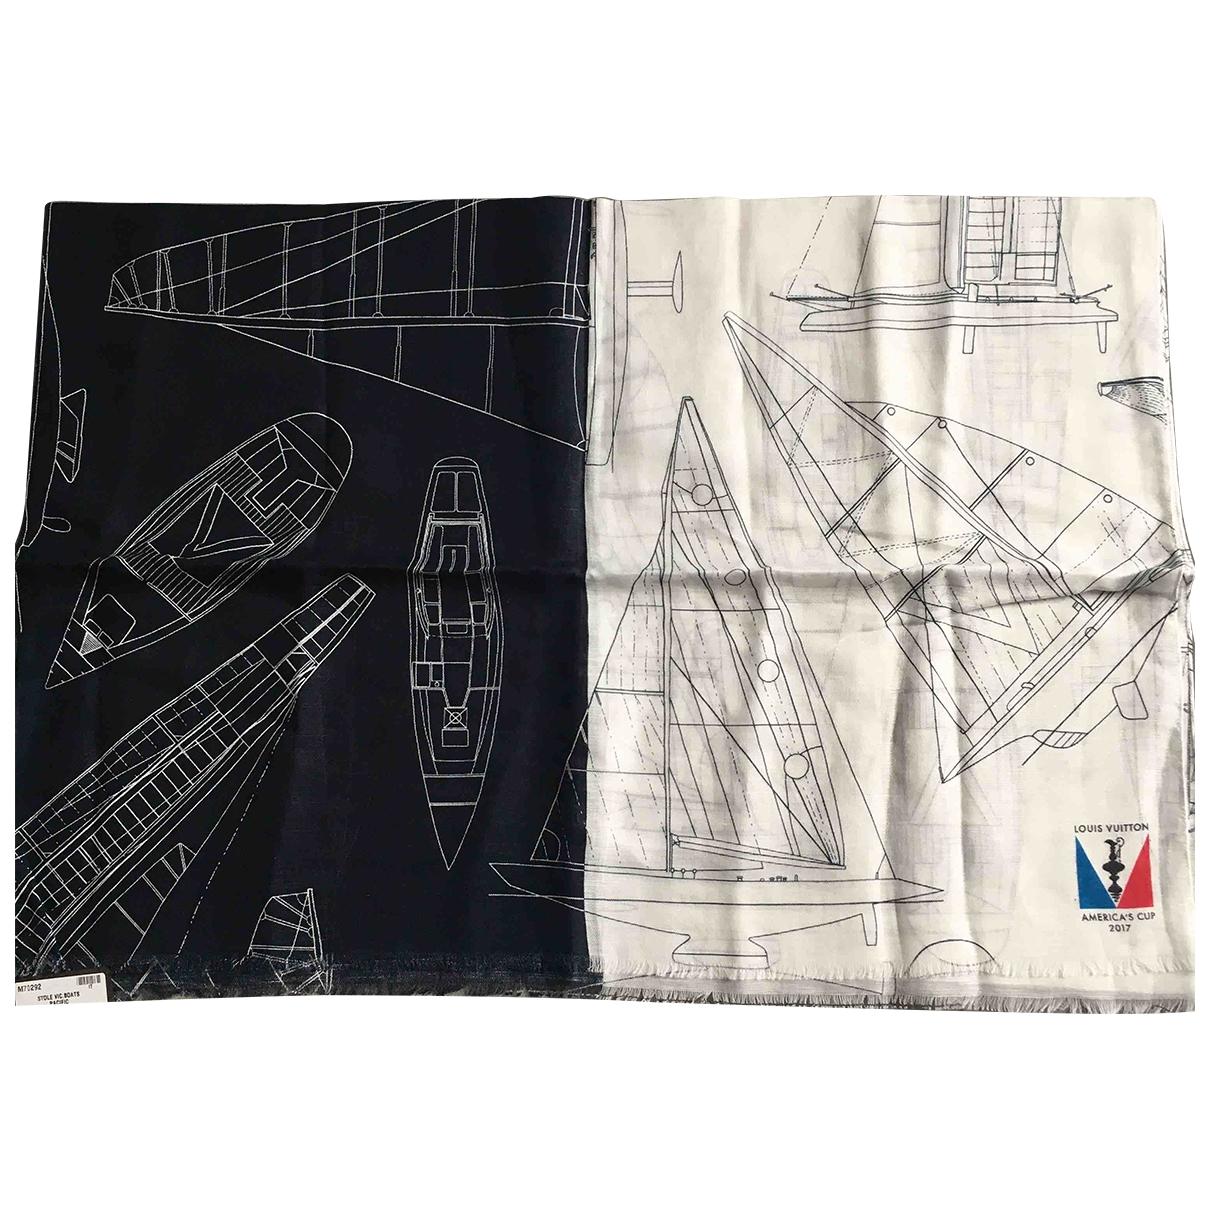 Louis Vuitton - Cheches.Echarpes   pour homme en coton - marine